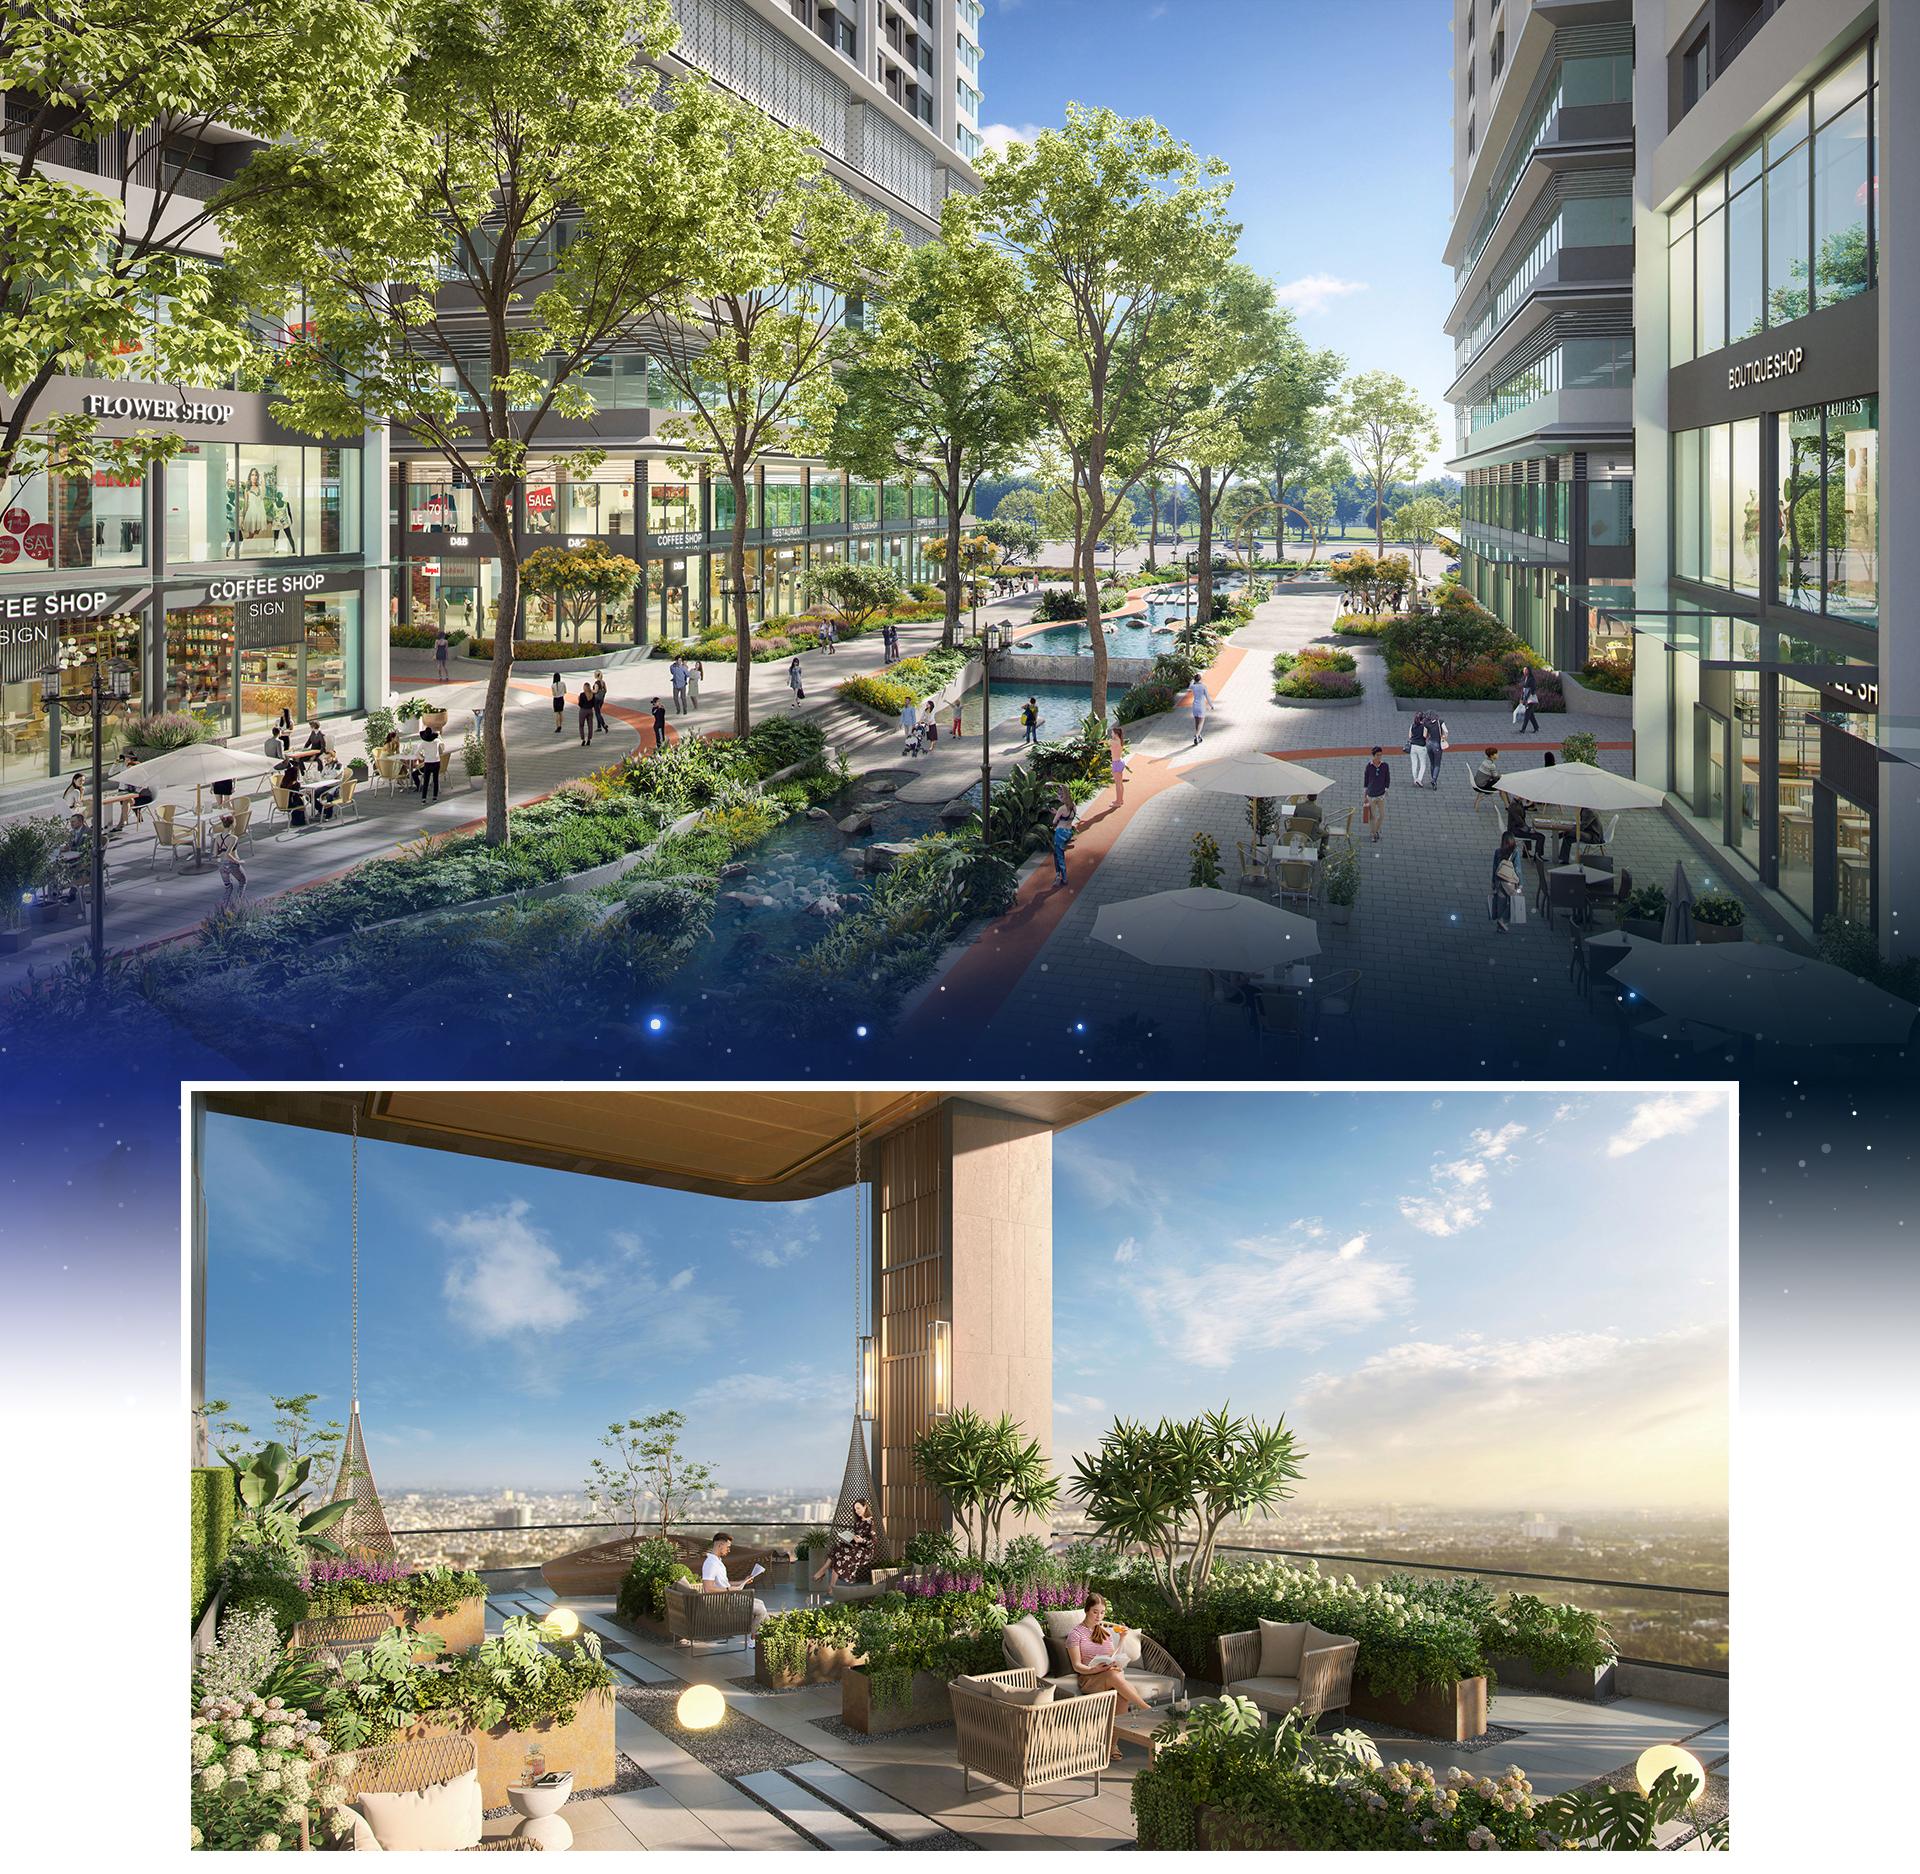 Dự án căn hộ sở hữu gần 23.000 m2 tiện ích tại Bình Dương 5